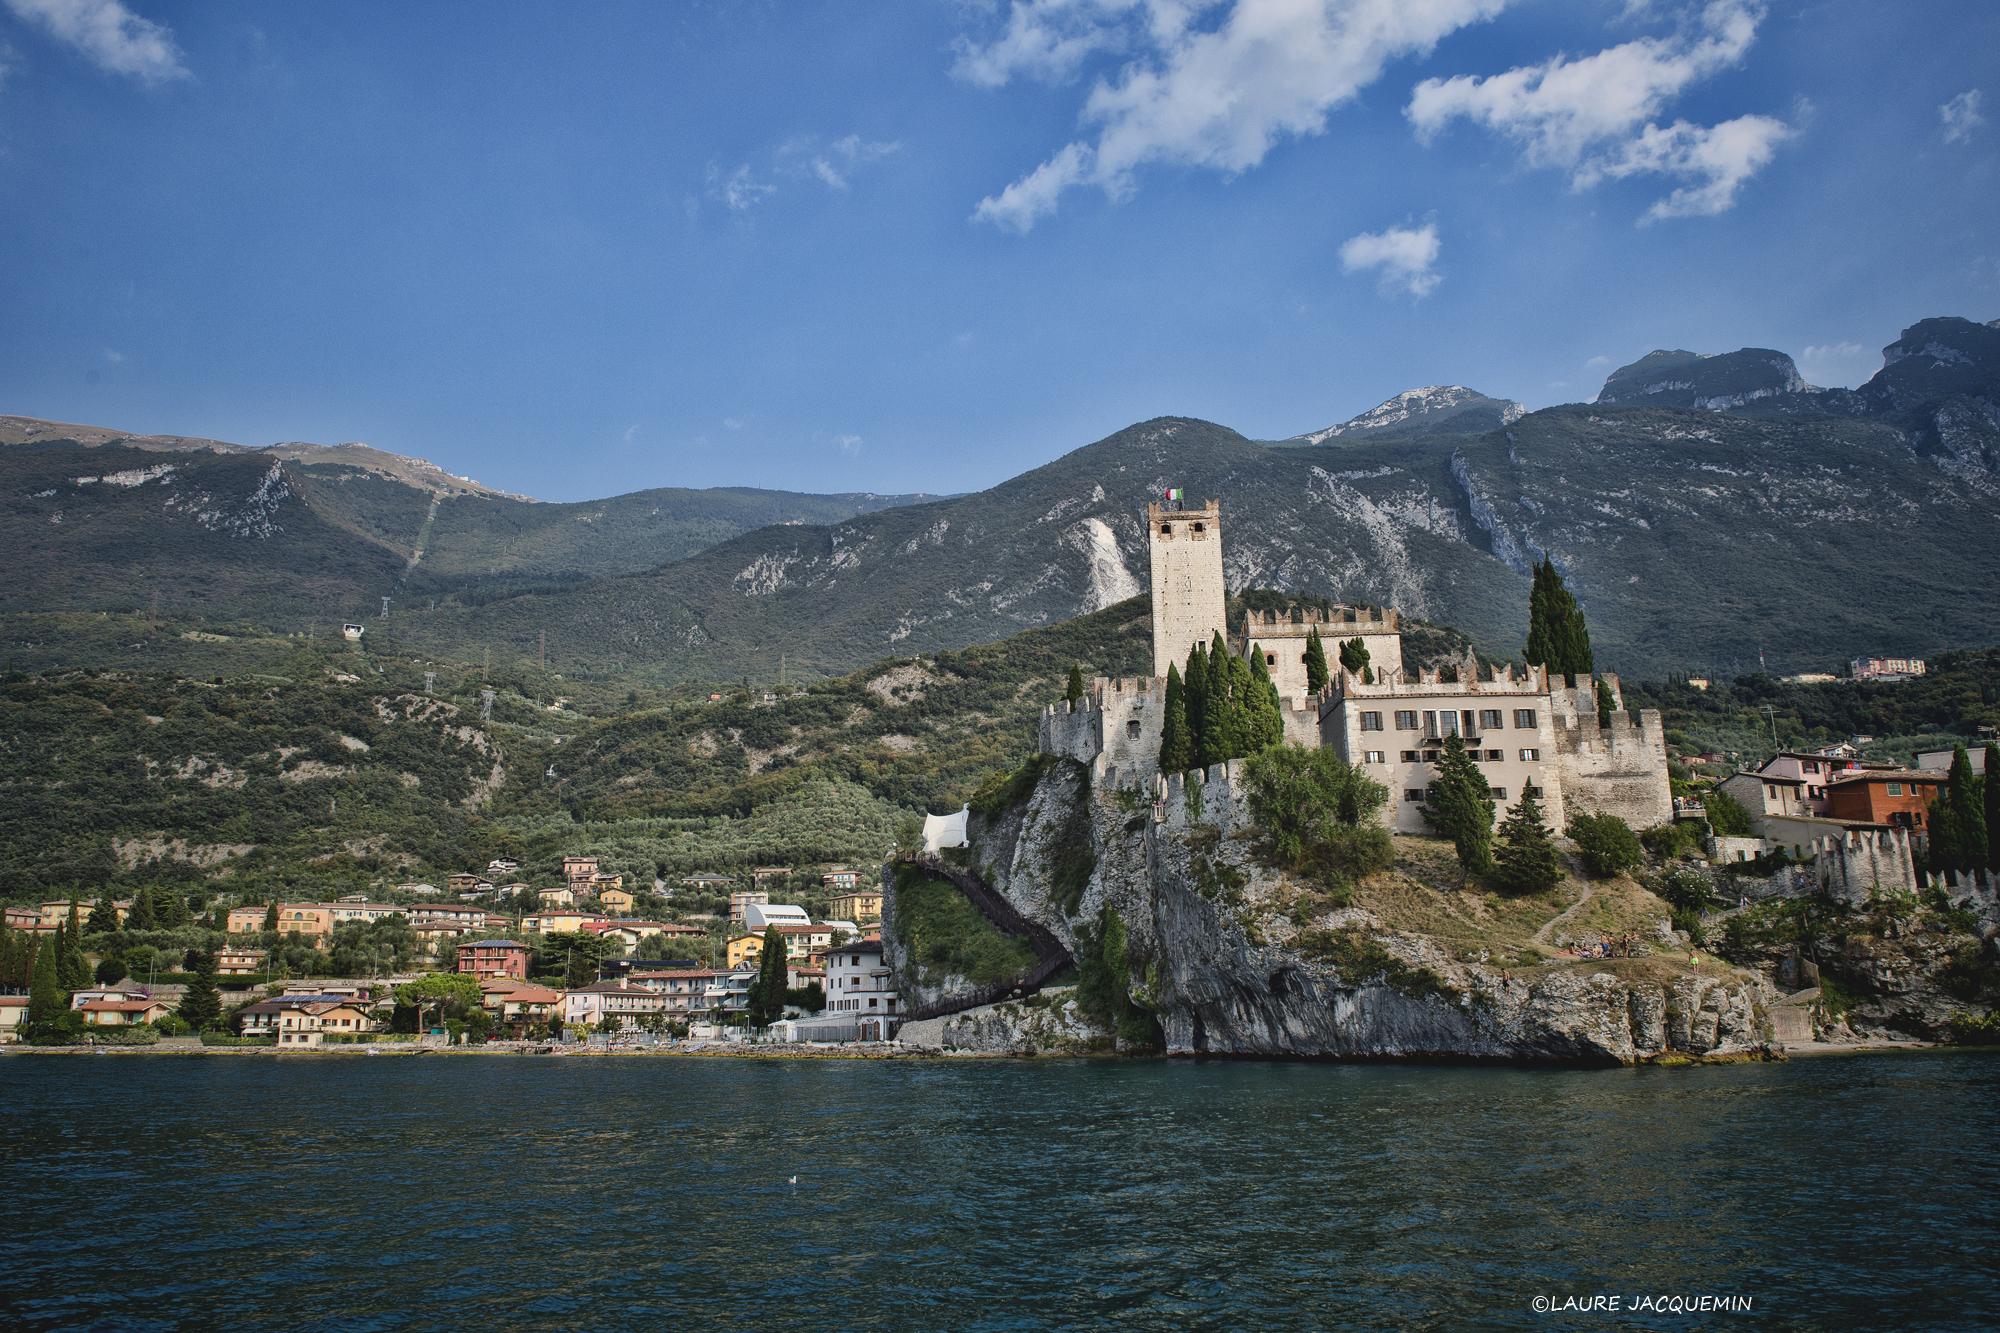 lac de Garde italie venise mariage photographe laure Jacquemin (234)